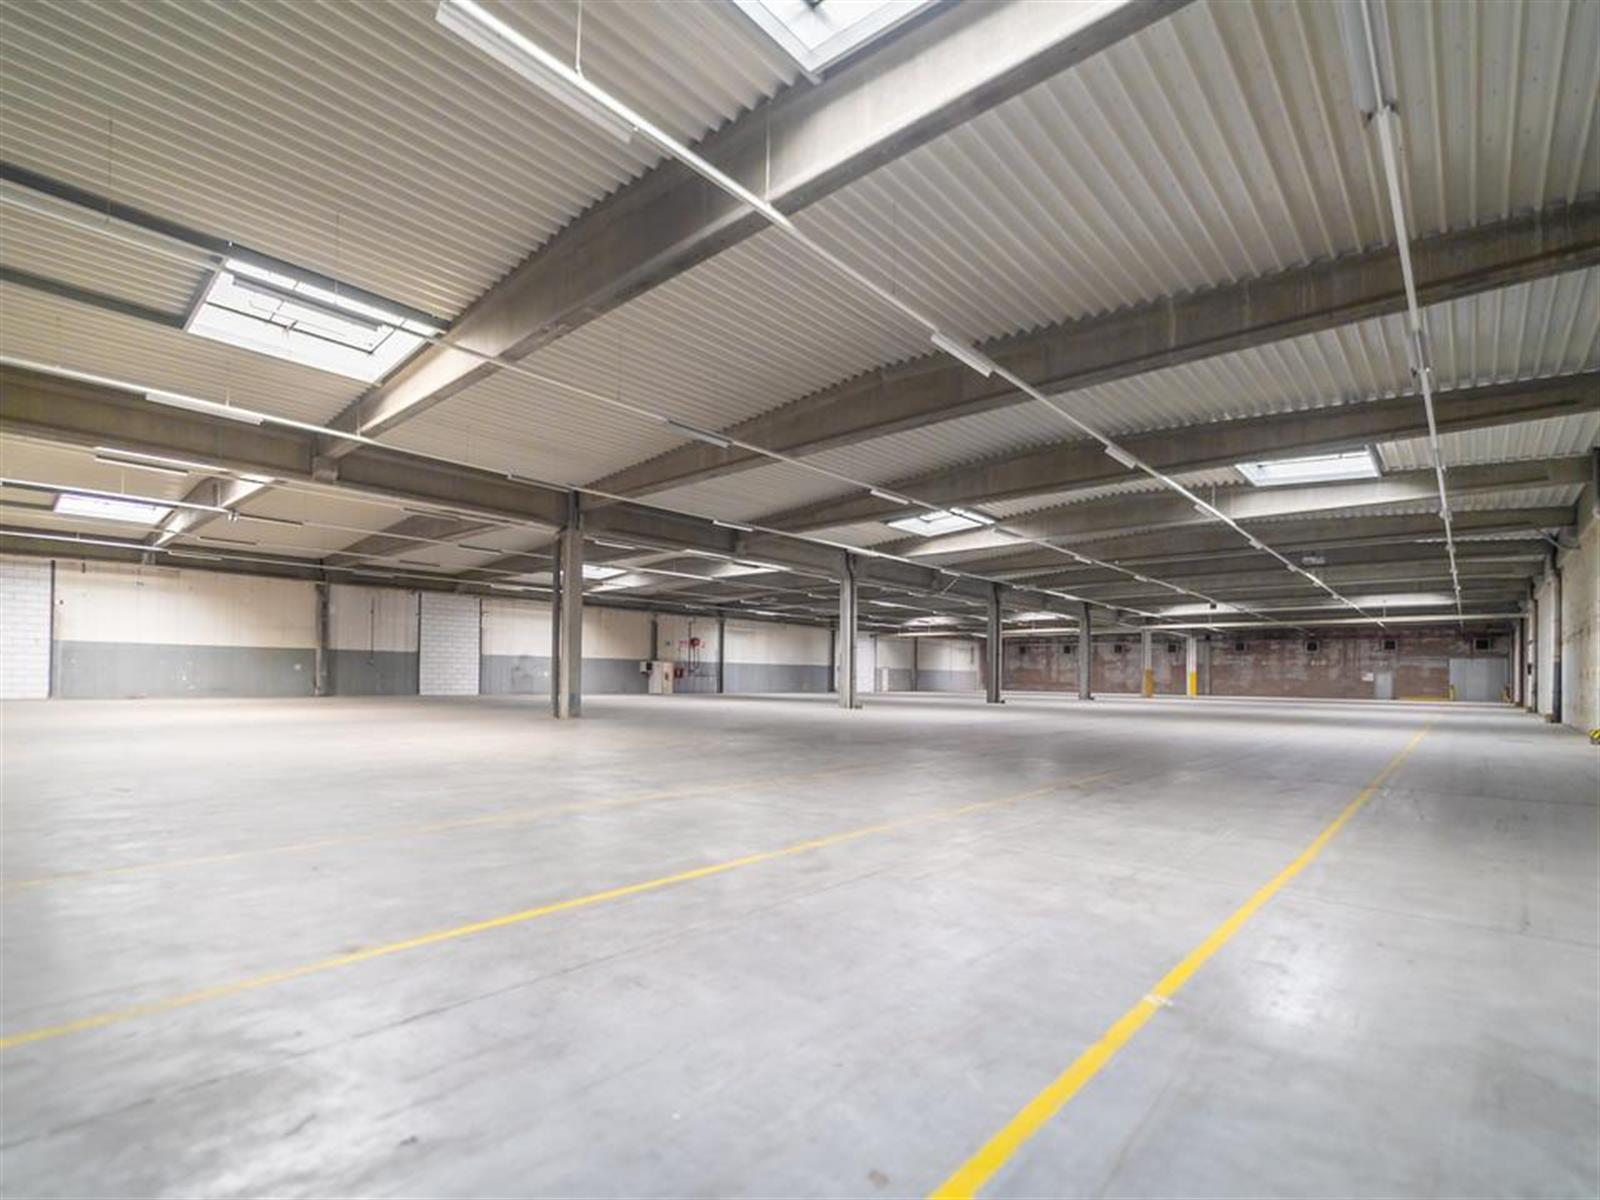 kantoren & magazijn te huur I157 - Satenrozen 11-13, 2550 Kontich, België 5